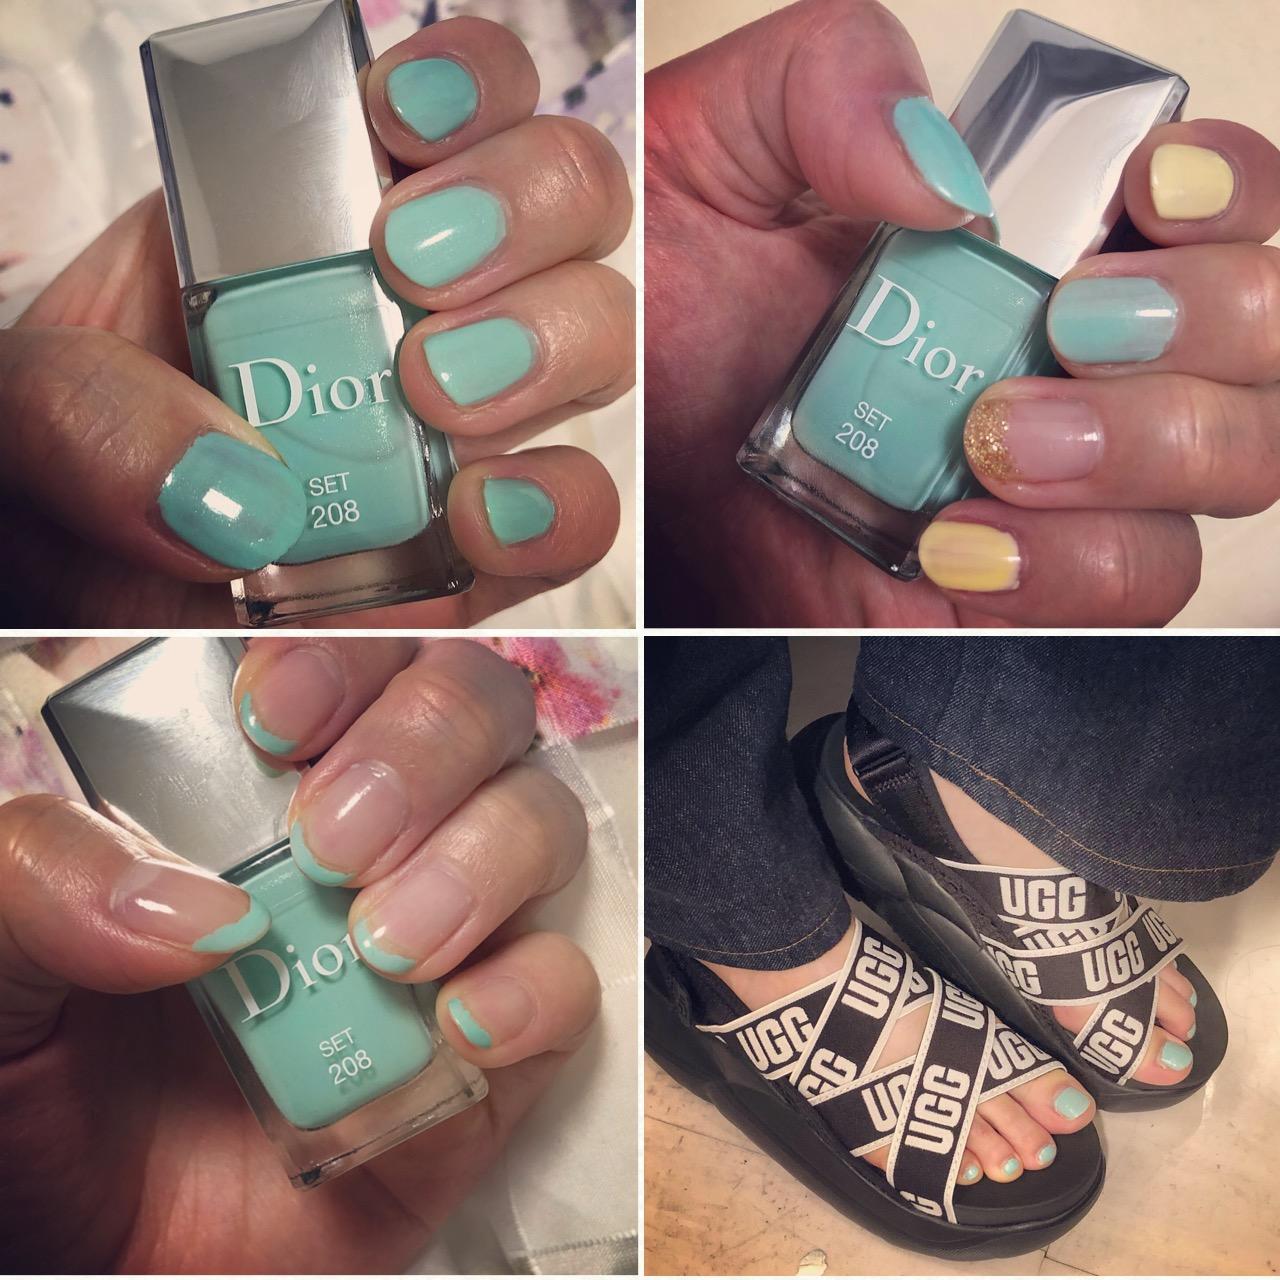 【夏ネイル・マニキュア】「Dior」2020夏限定色が爽やかキレイネイルがフットにもハンドにも大活躍中♡ <デパコス>_2